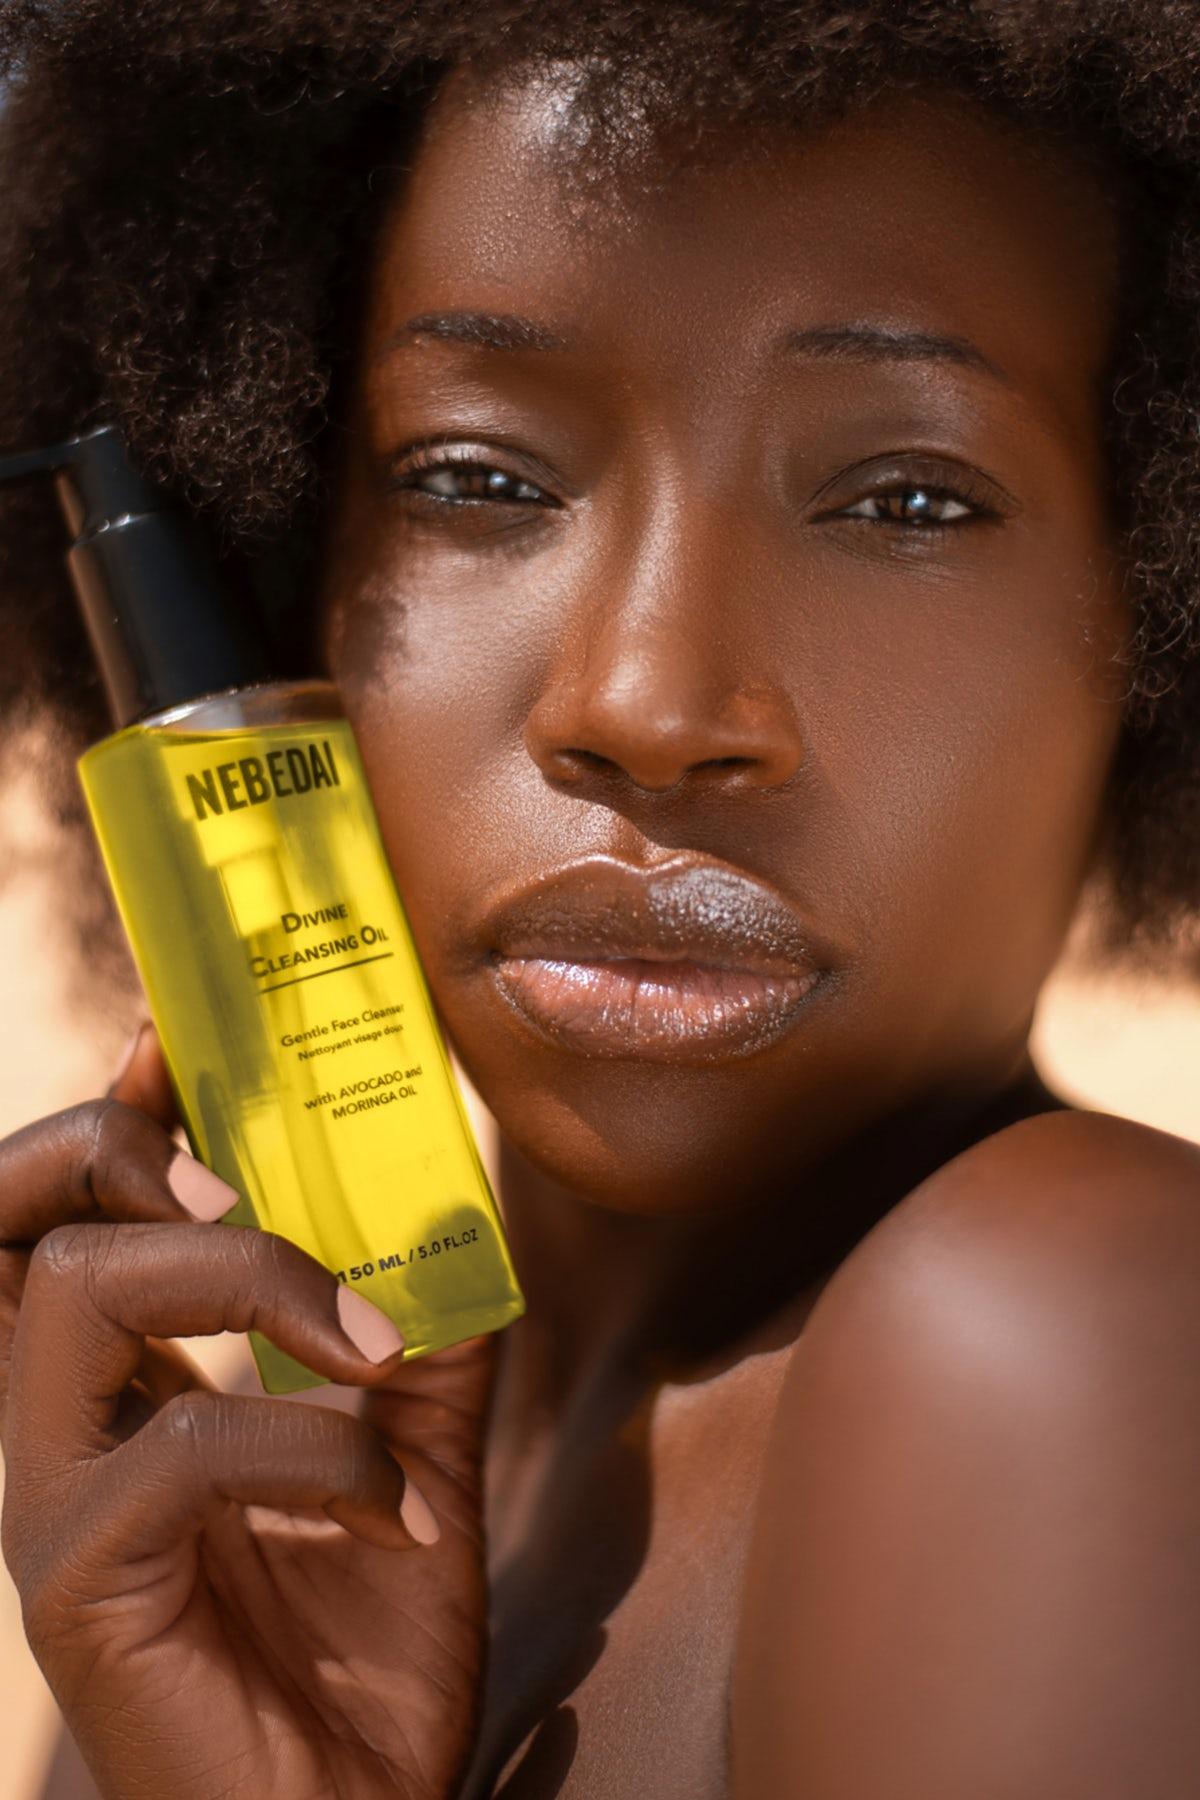 Senegal-based Nebedai beauty campaign. Nebedai.